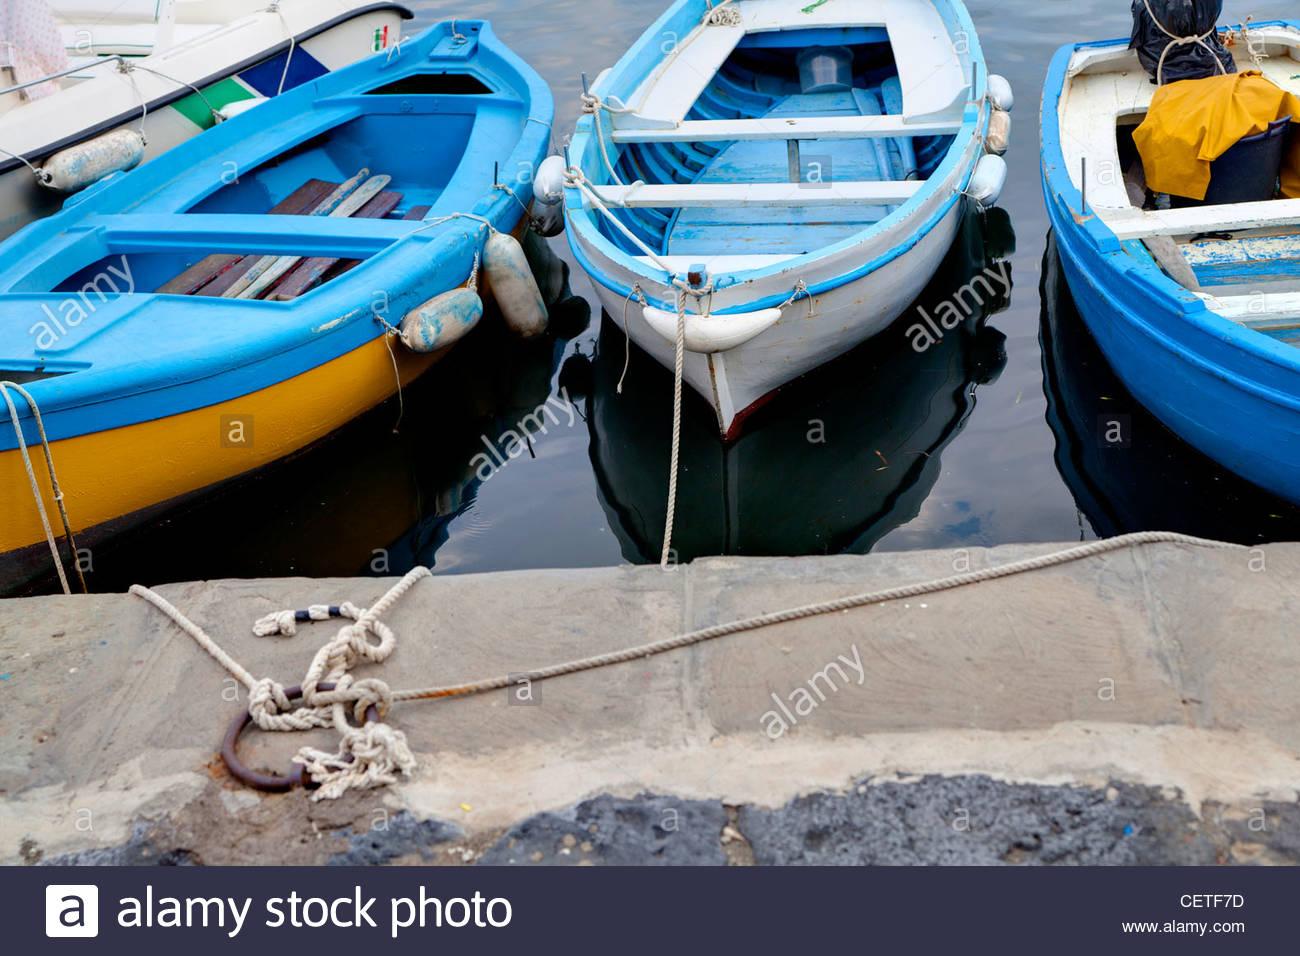 Marina boats - Stock Image